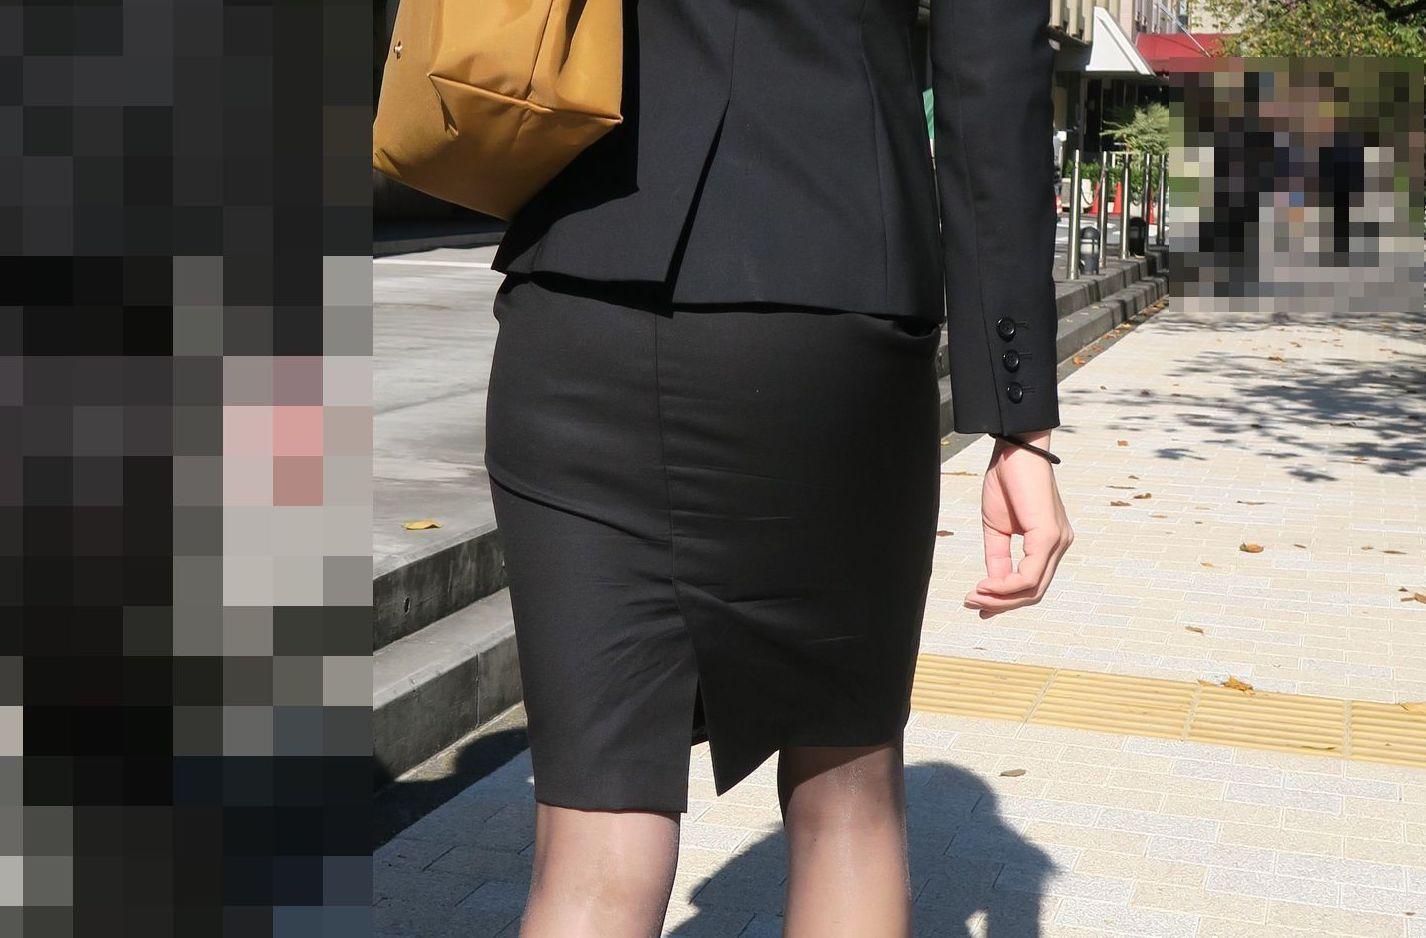 悶絶OLの街撮りタイトスカートフェチ盗撮エロ画像13枚目